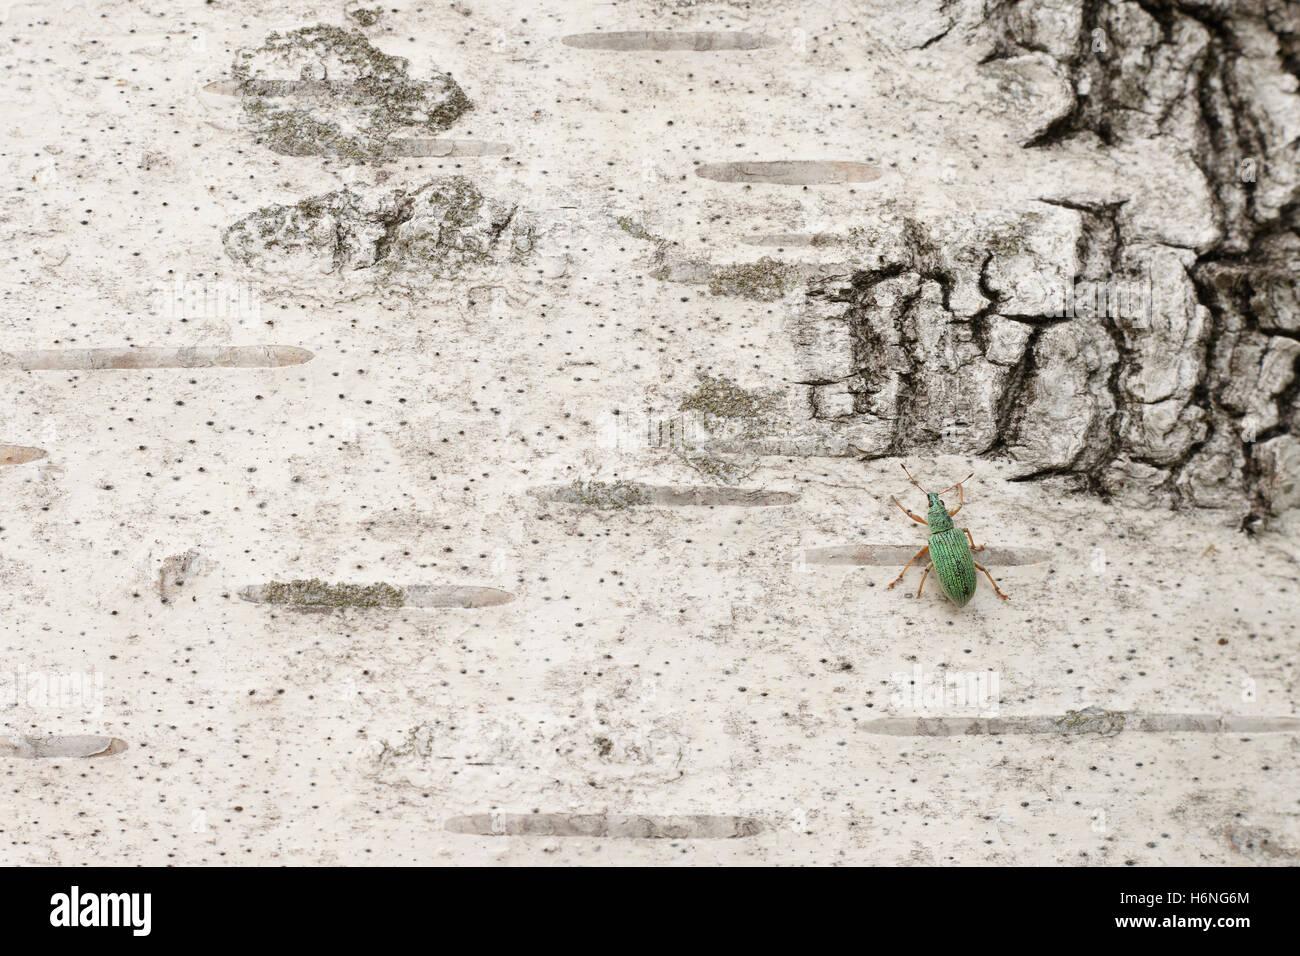 beetle on birch bark - Stock Image